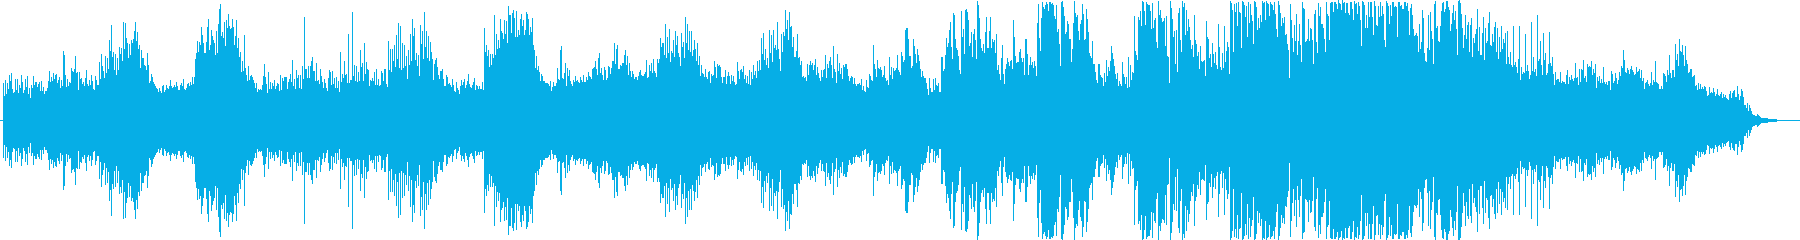 喜び溢れるキラキラした軽快サウンドの再生済みの波形